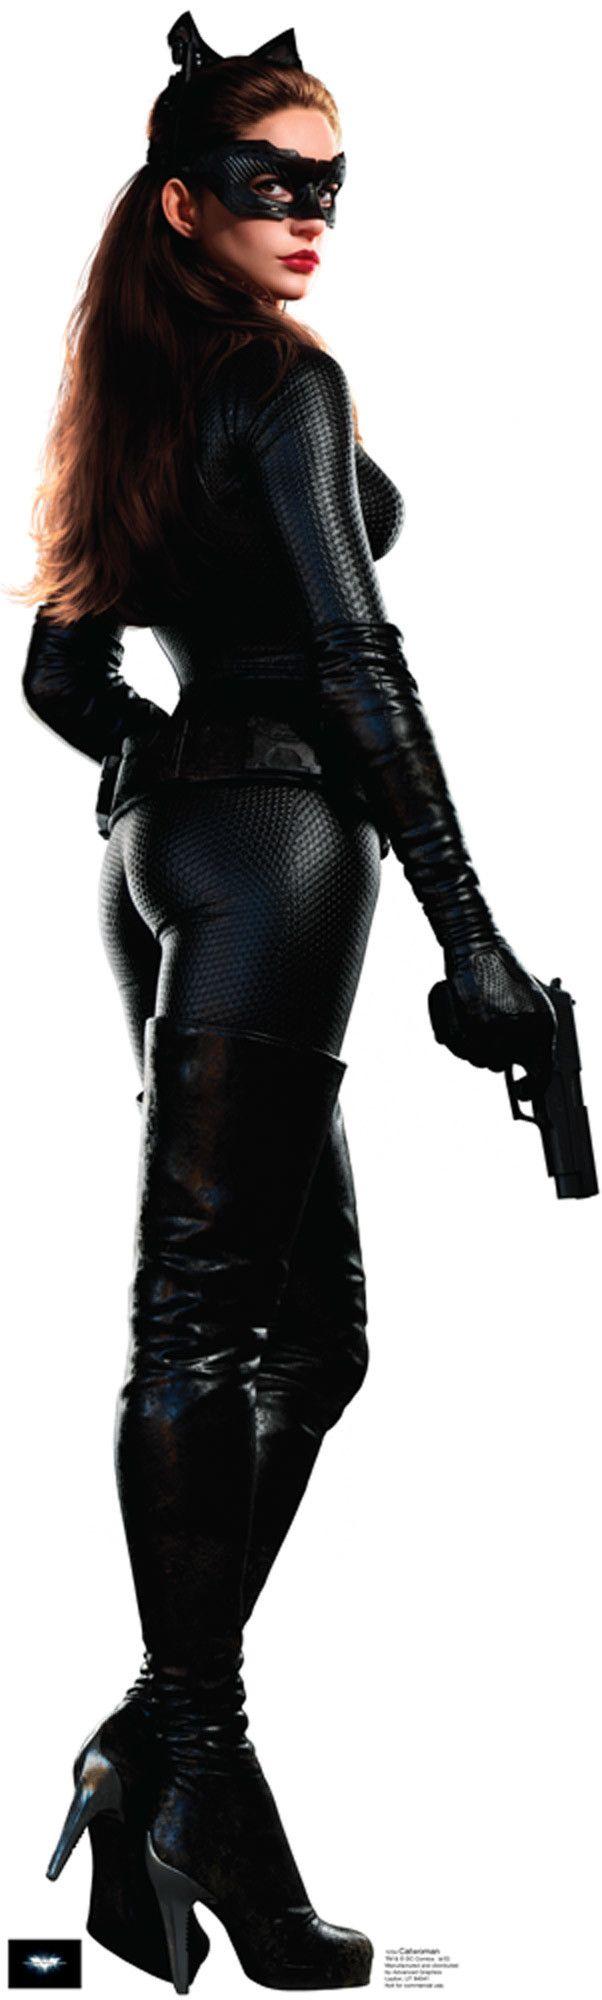 Batman Dark Knight Rises Catwoman Cardboard Stand-Up